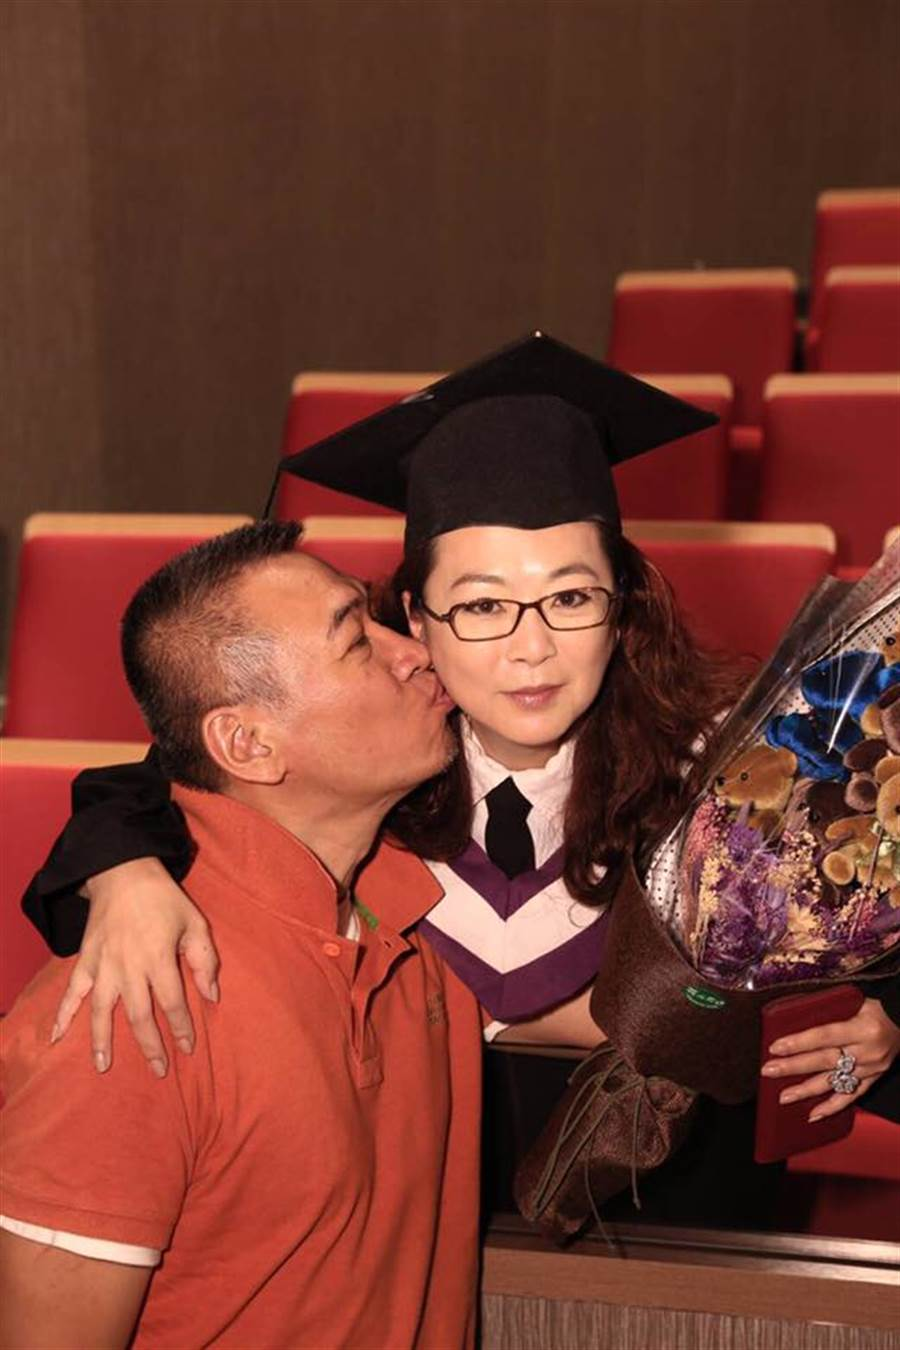 趙永馨和宋偉分手又復合,最後終於結婚了。(圖/FB@趙永馨)